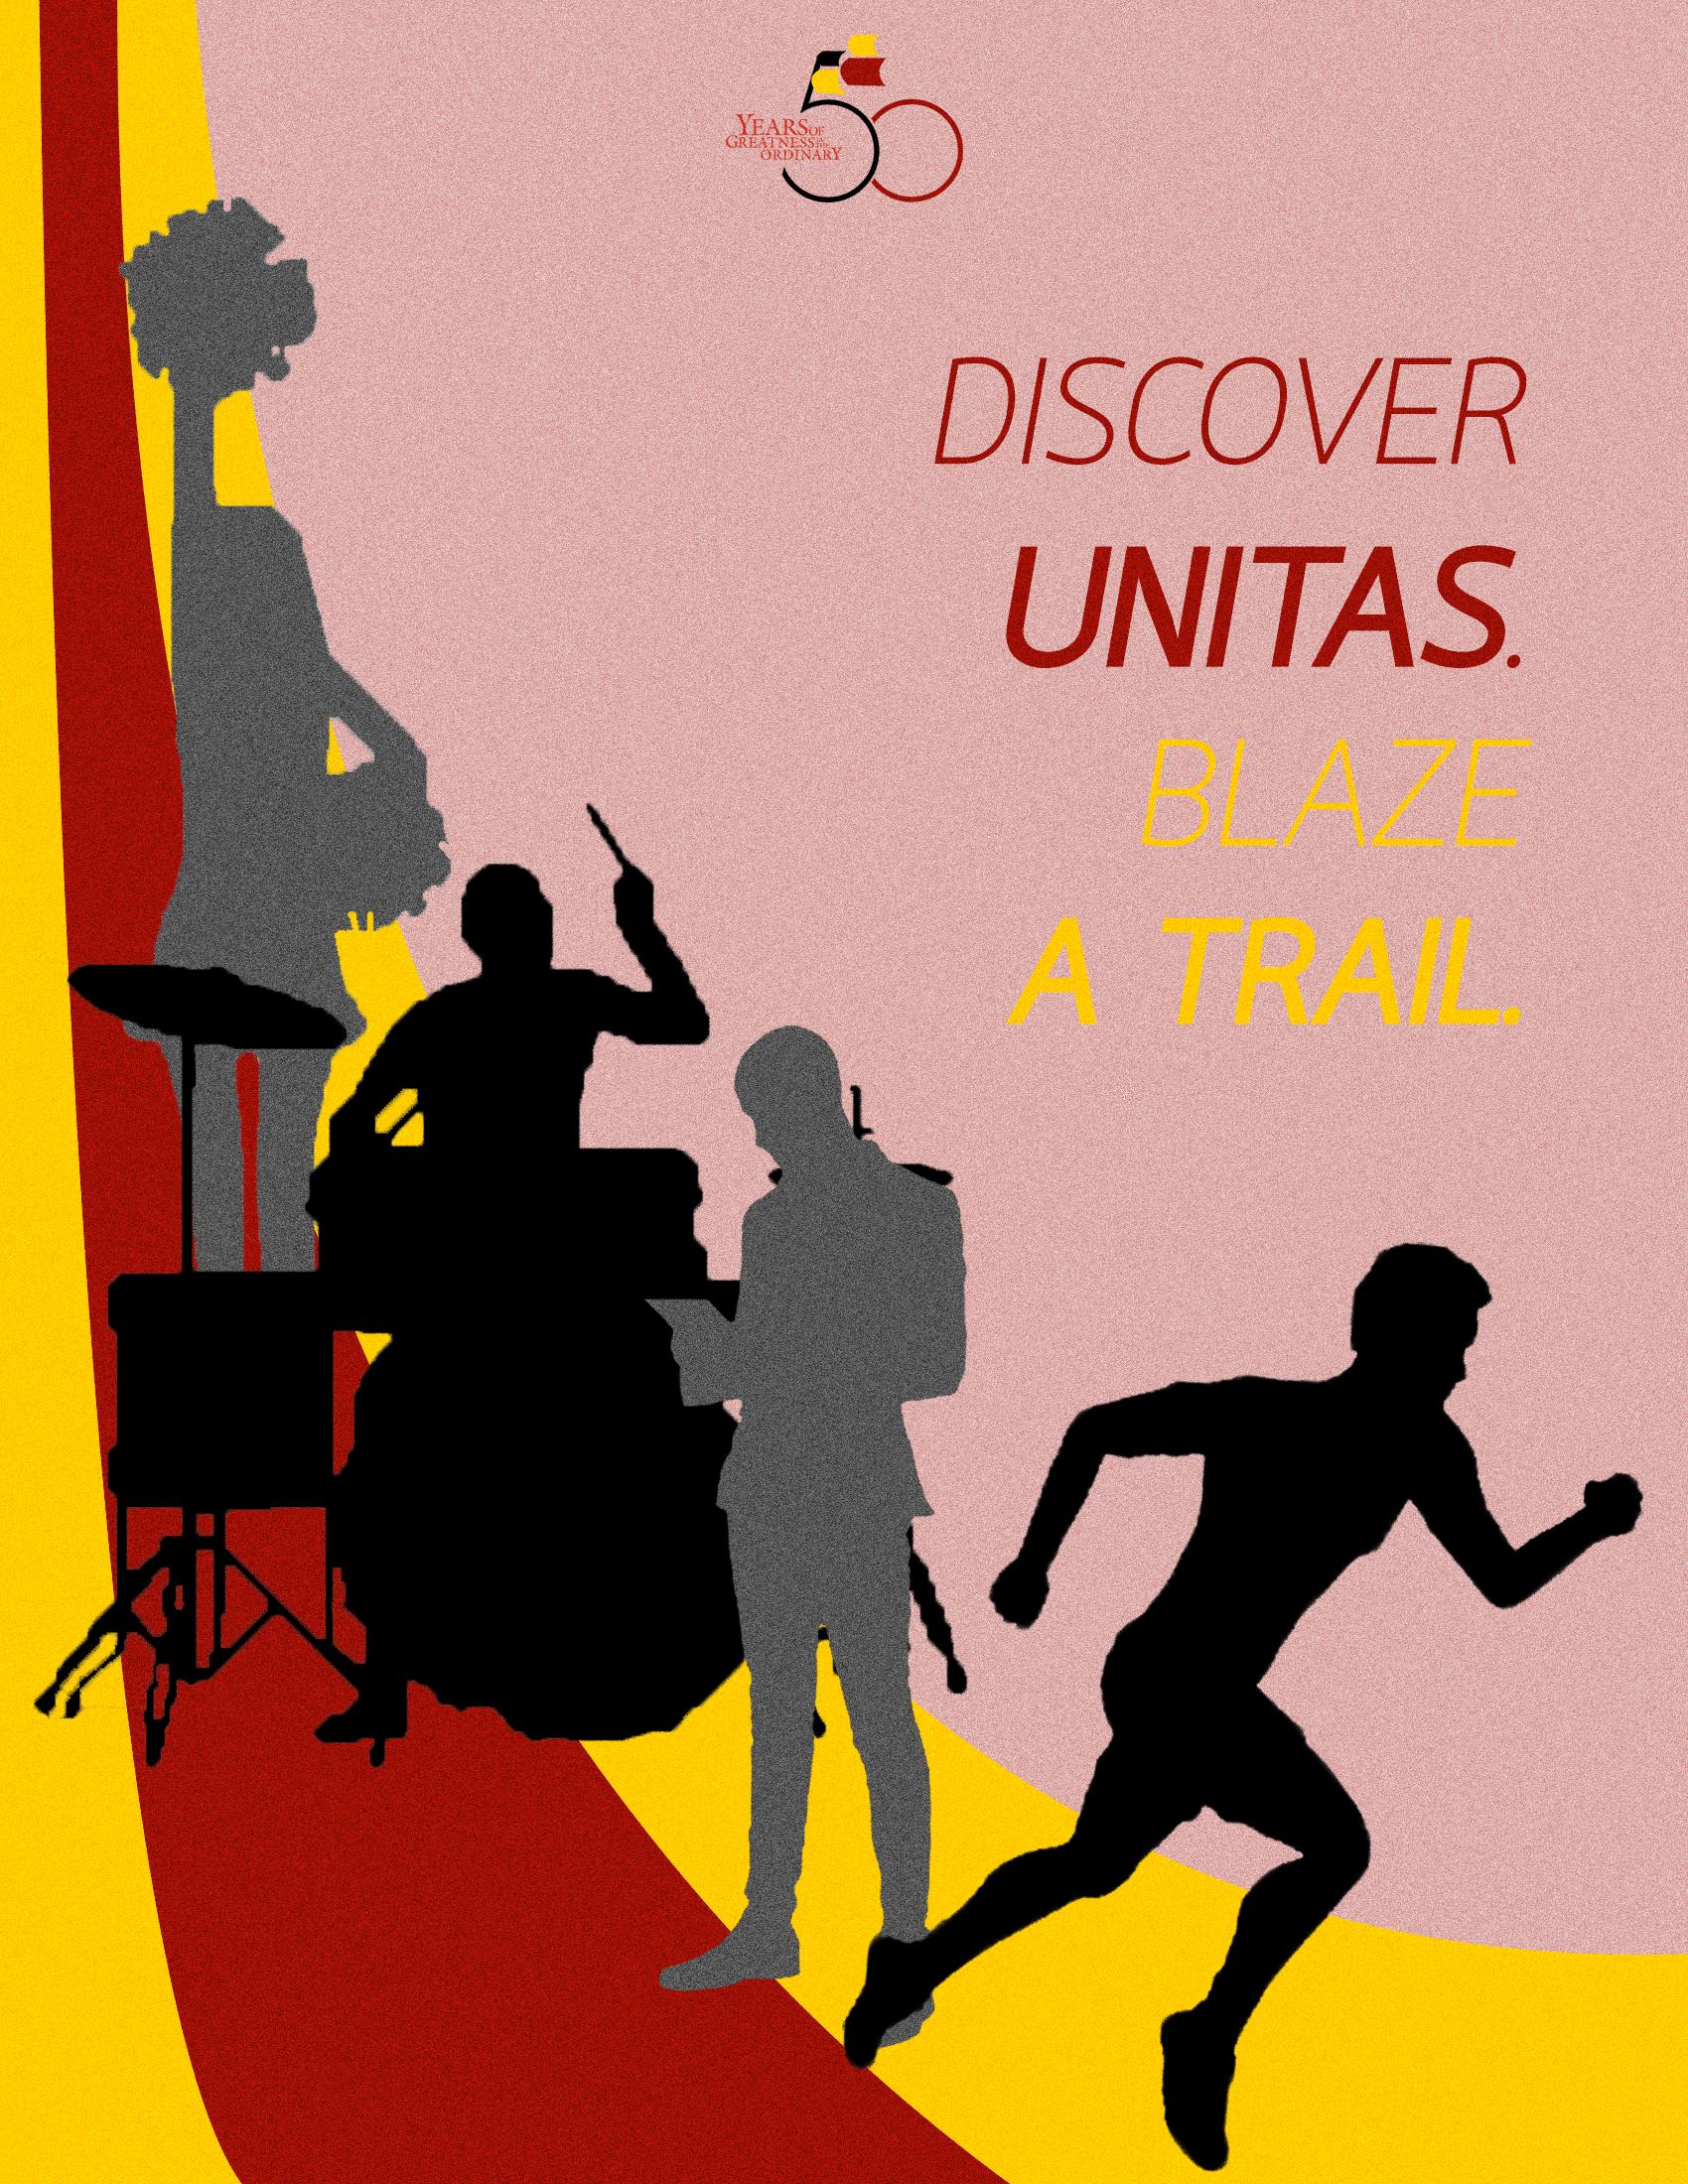 Poster by: Joash Arellano